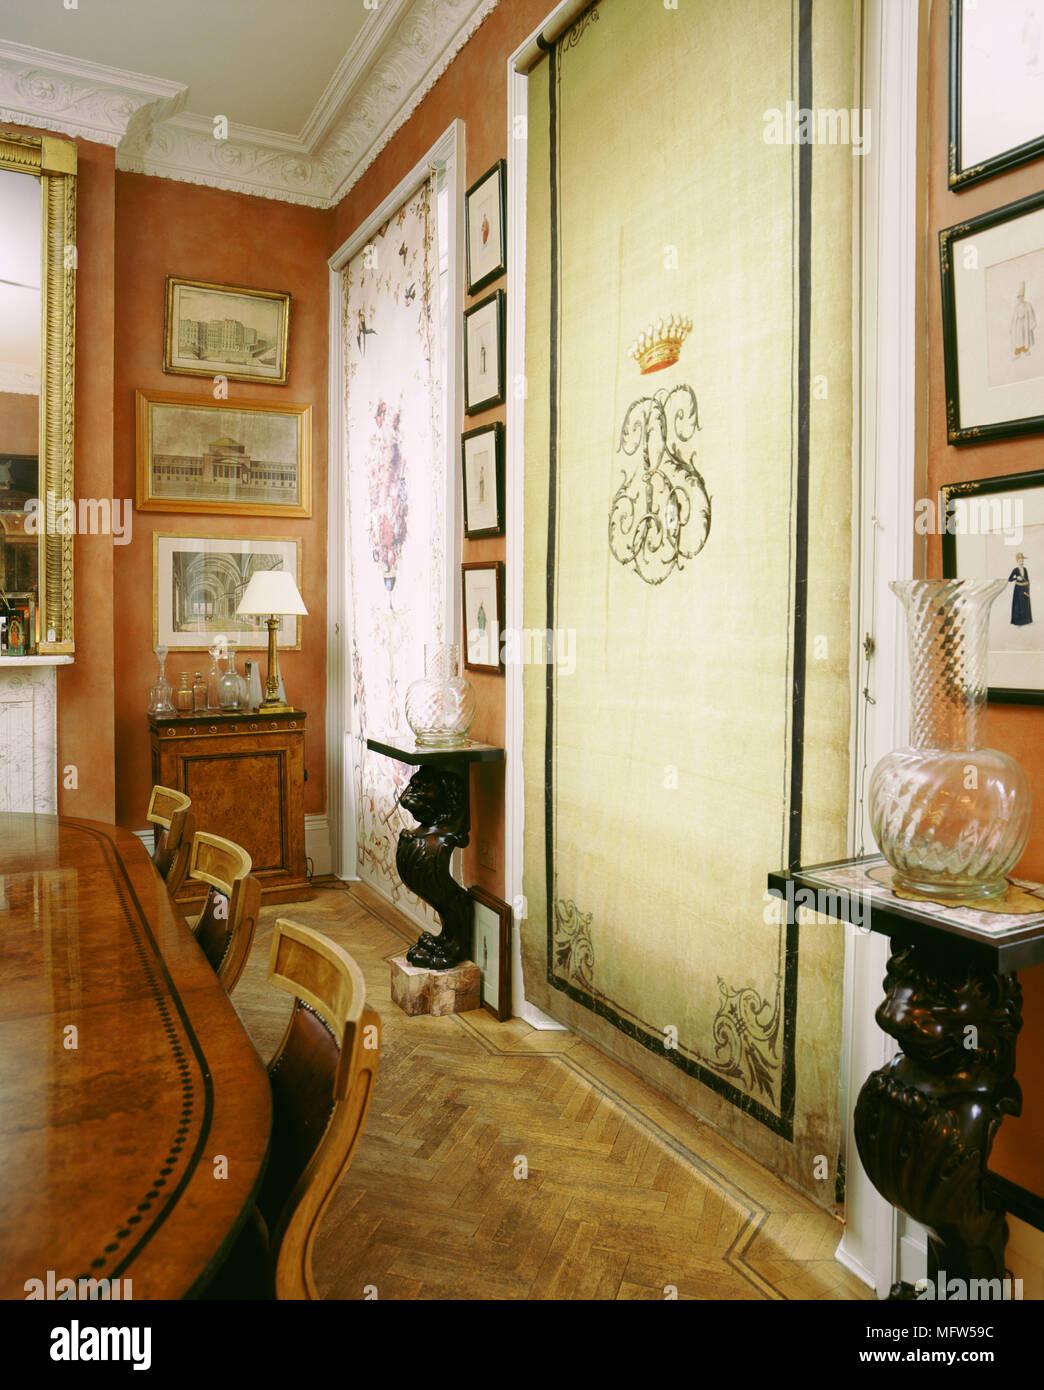 Detalle comedor tradicional con piso de parquet, mesa de comedor y ...